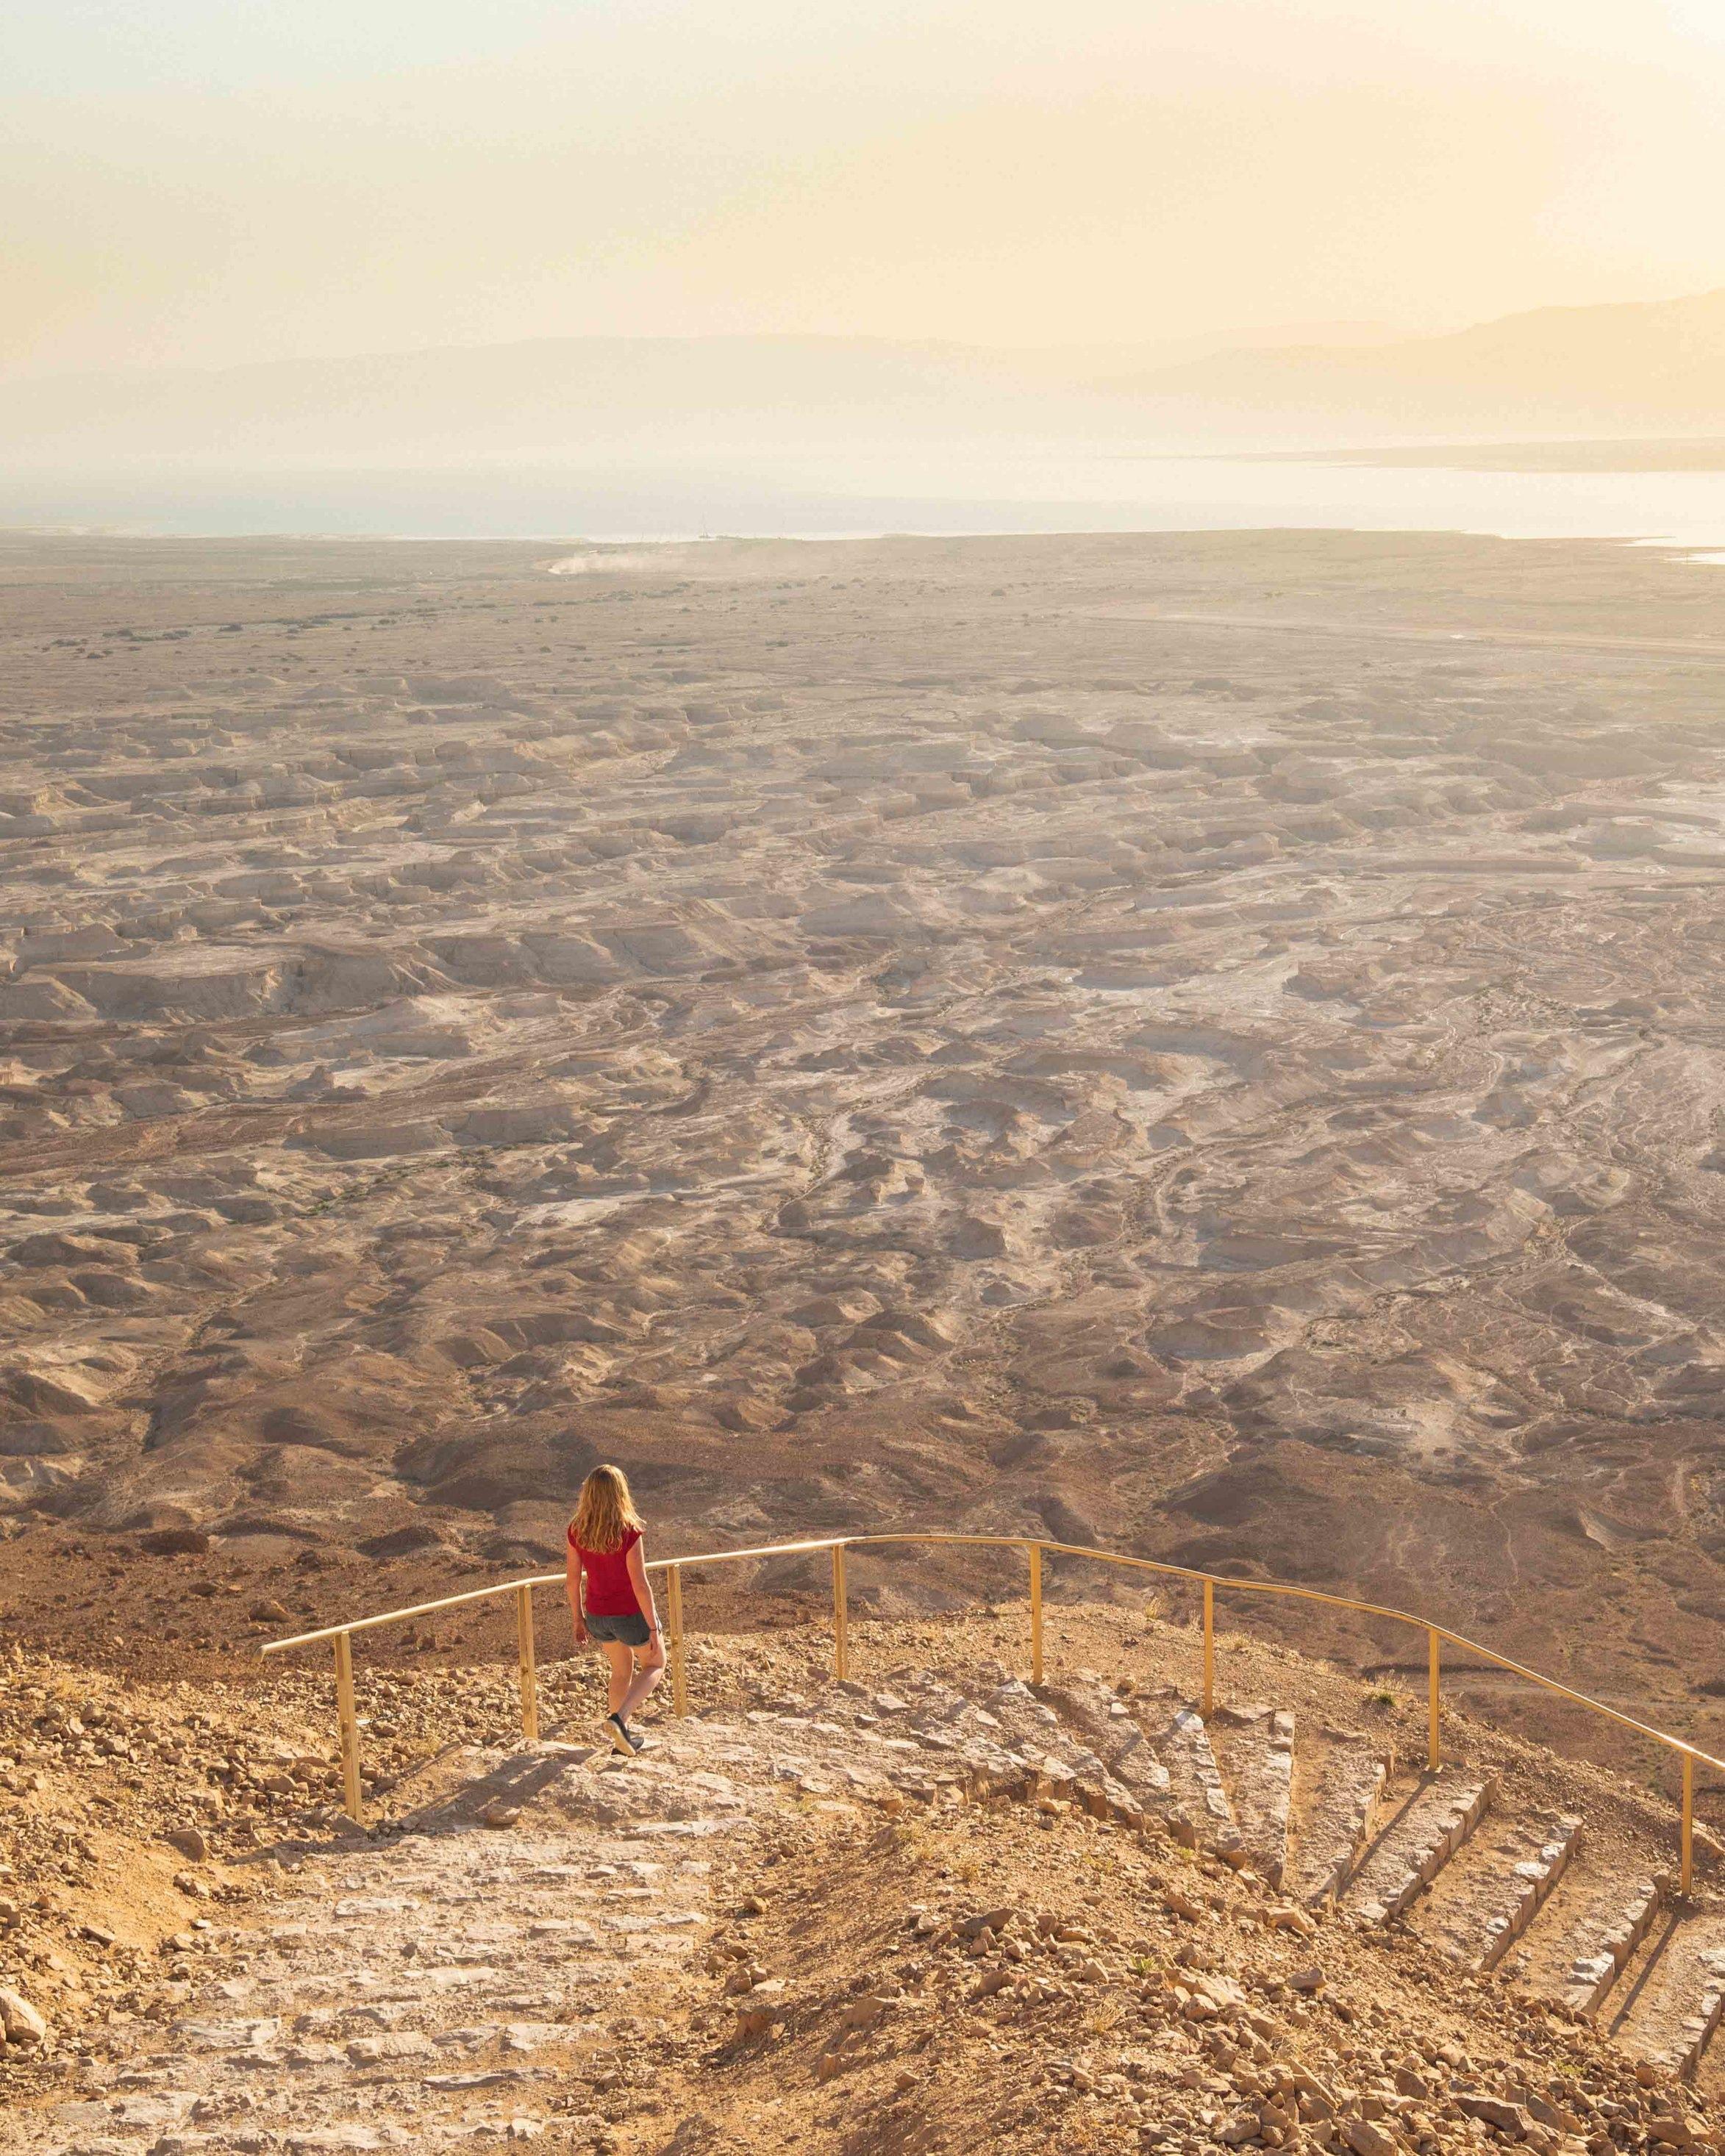 Hiking the snake path at Masada